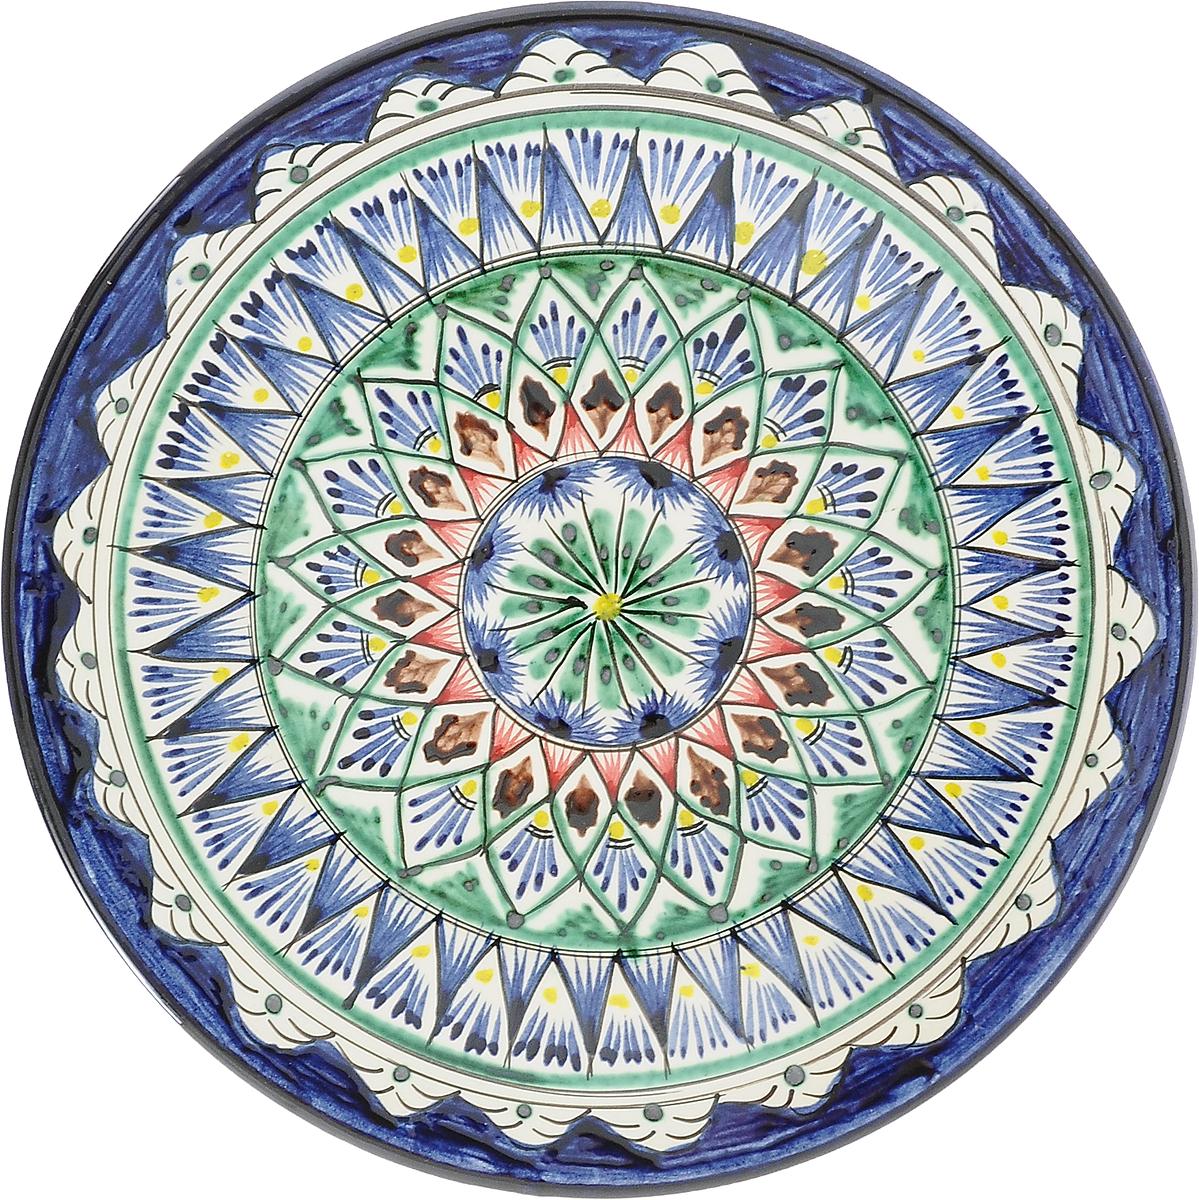 Тарелка Риштанская керамика, цвет: синий, зеленый, диаметр 27 см. 21580012158001_синий, зеленыйУзбекская посуда известна всему миру уже более тысячи лет. Ей любовались царские особы, на ней подавали еду шейхам и знатным персонам. Формула глазури передаётся из поколения в поколение. По сей день качественные изделия продолжают восхищать своей идеальной формой.Данный предмет подойдёт для повседневной и праздничной сервировки. Дополните стол текстилем и салфетками в тон, чтобы получить элегантное убранство с яркими акцентами.